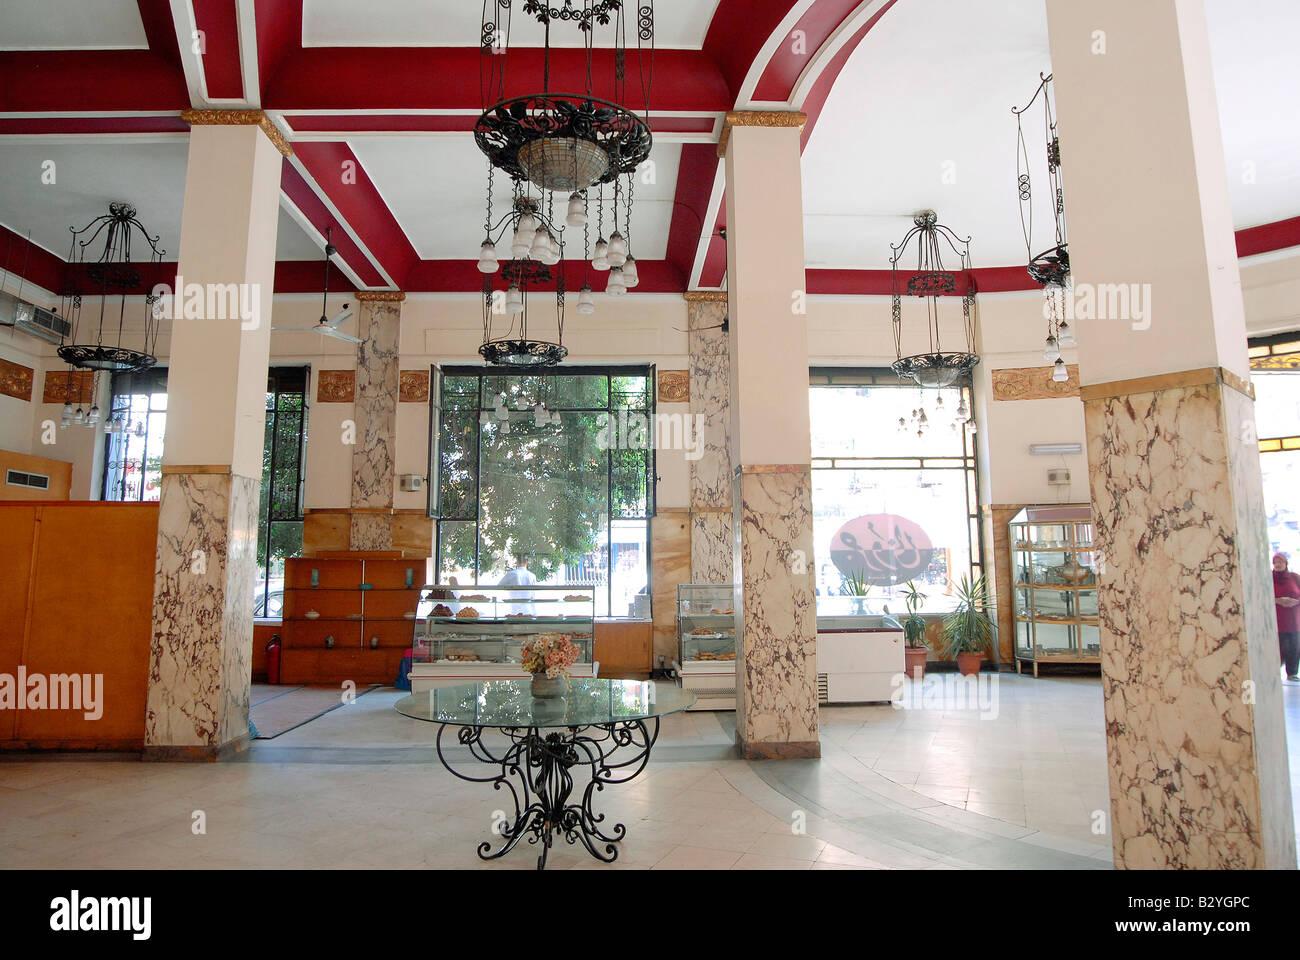 Typischen art deco interieur design bildet in der innenstadt